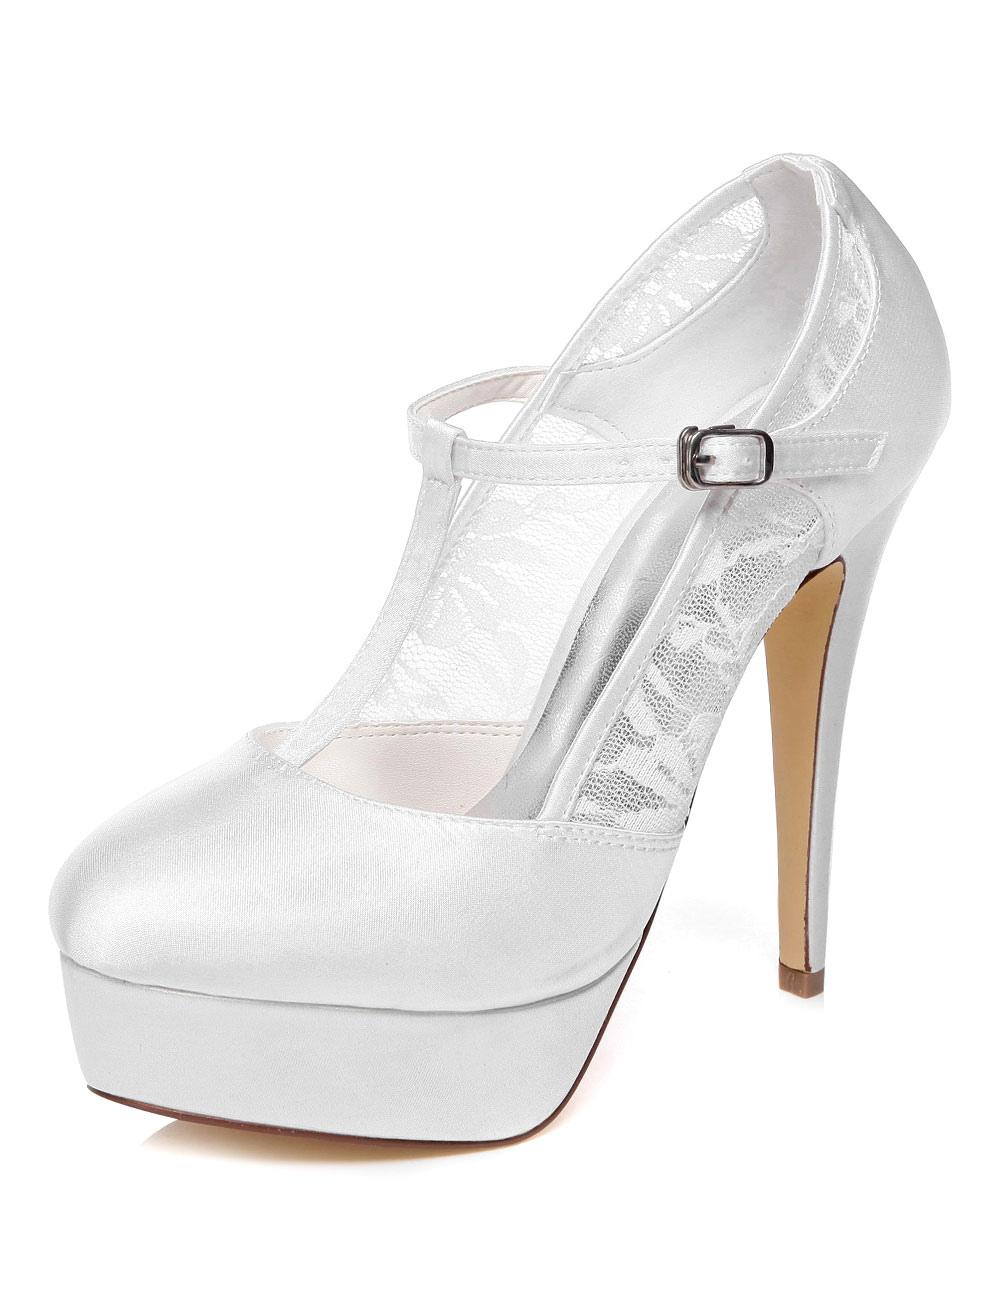 White Lace Platform Satin Bridal Pumps For Women